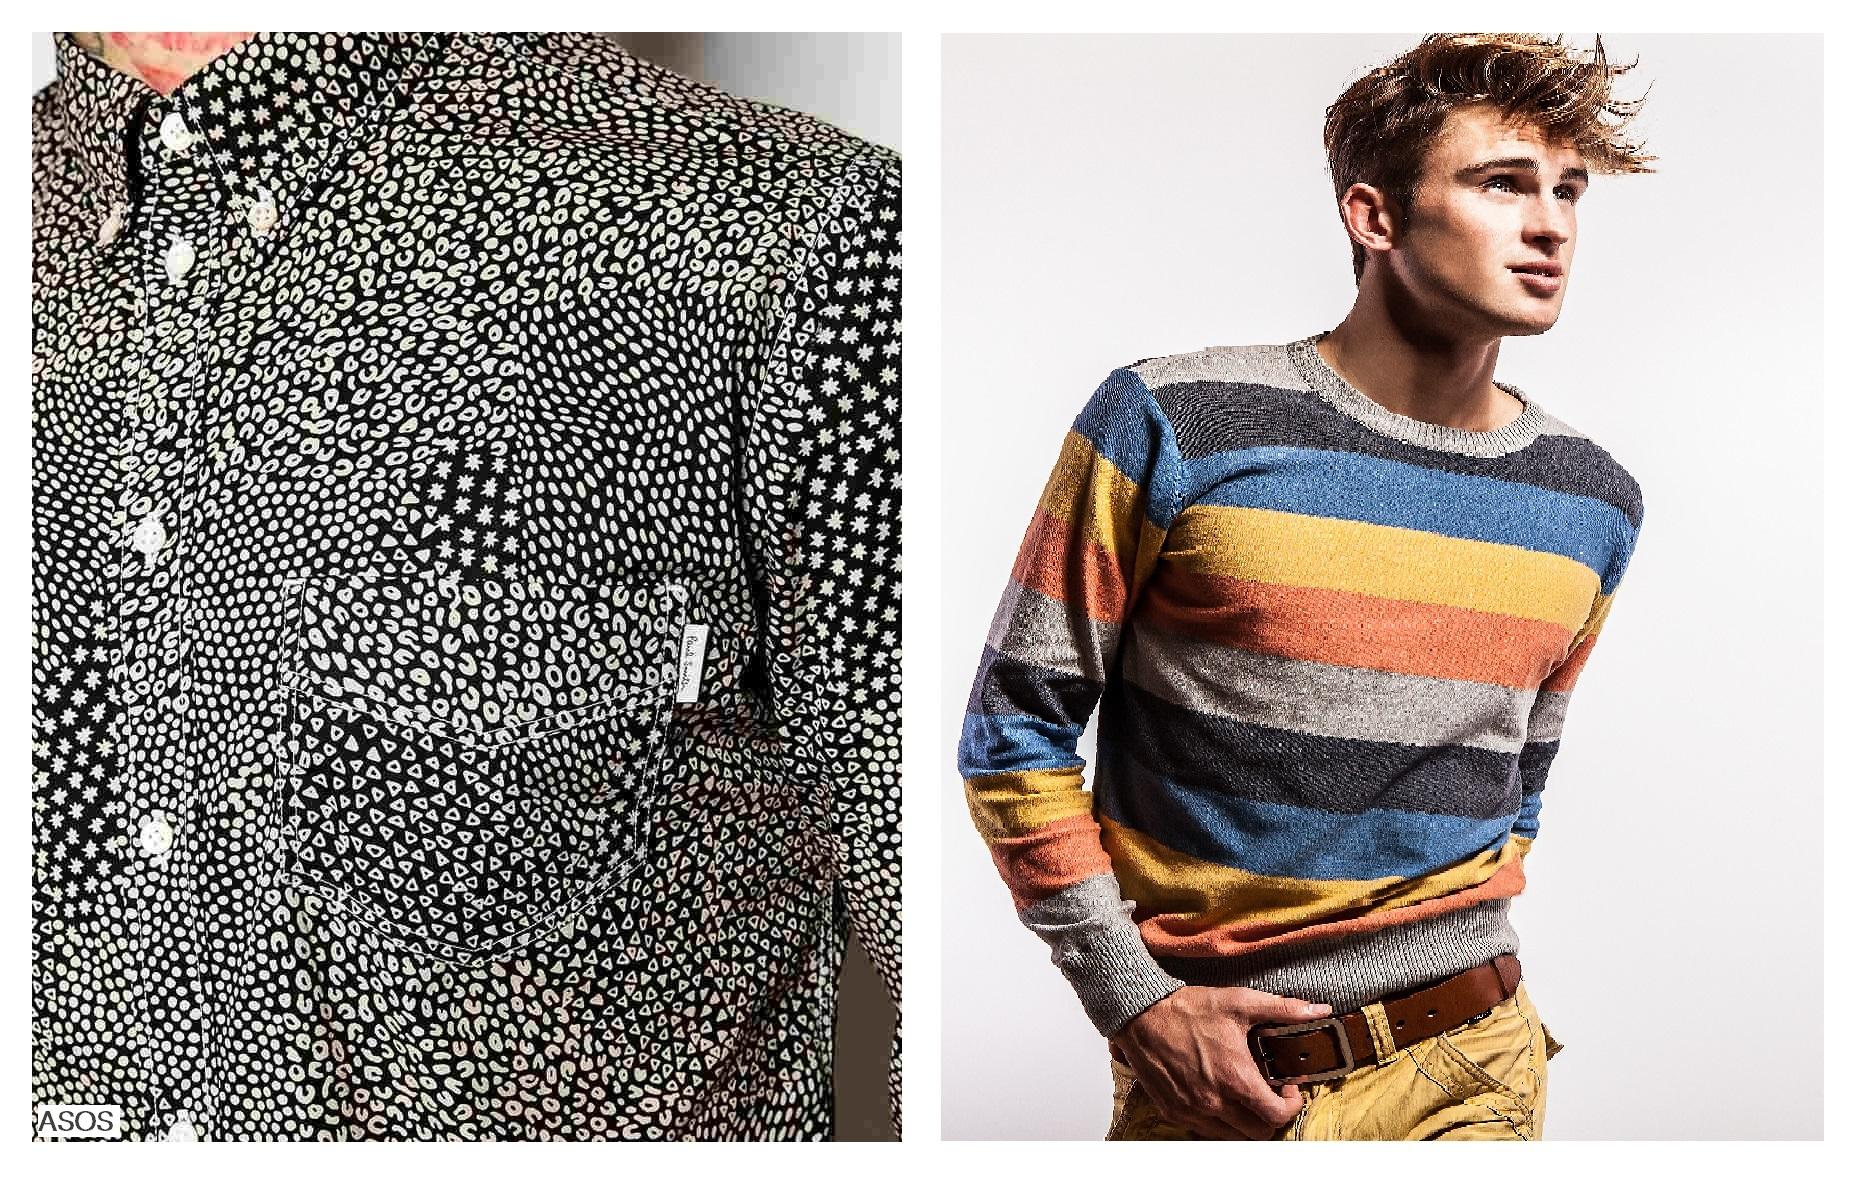 men_prints_oval_fashion_style